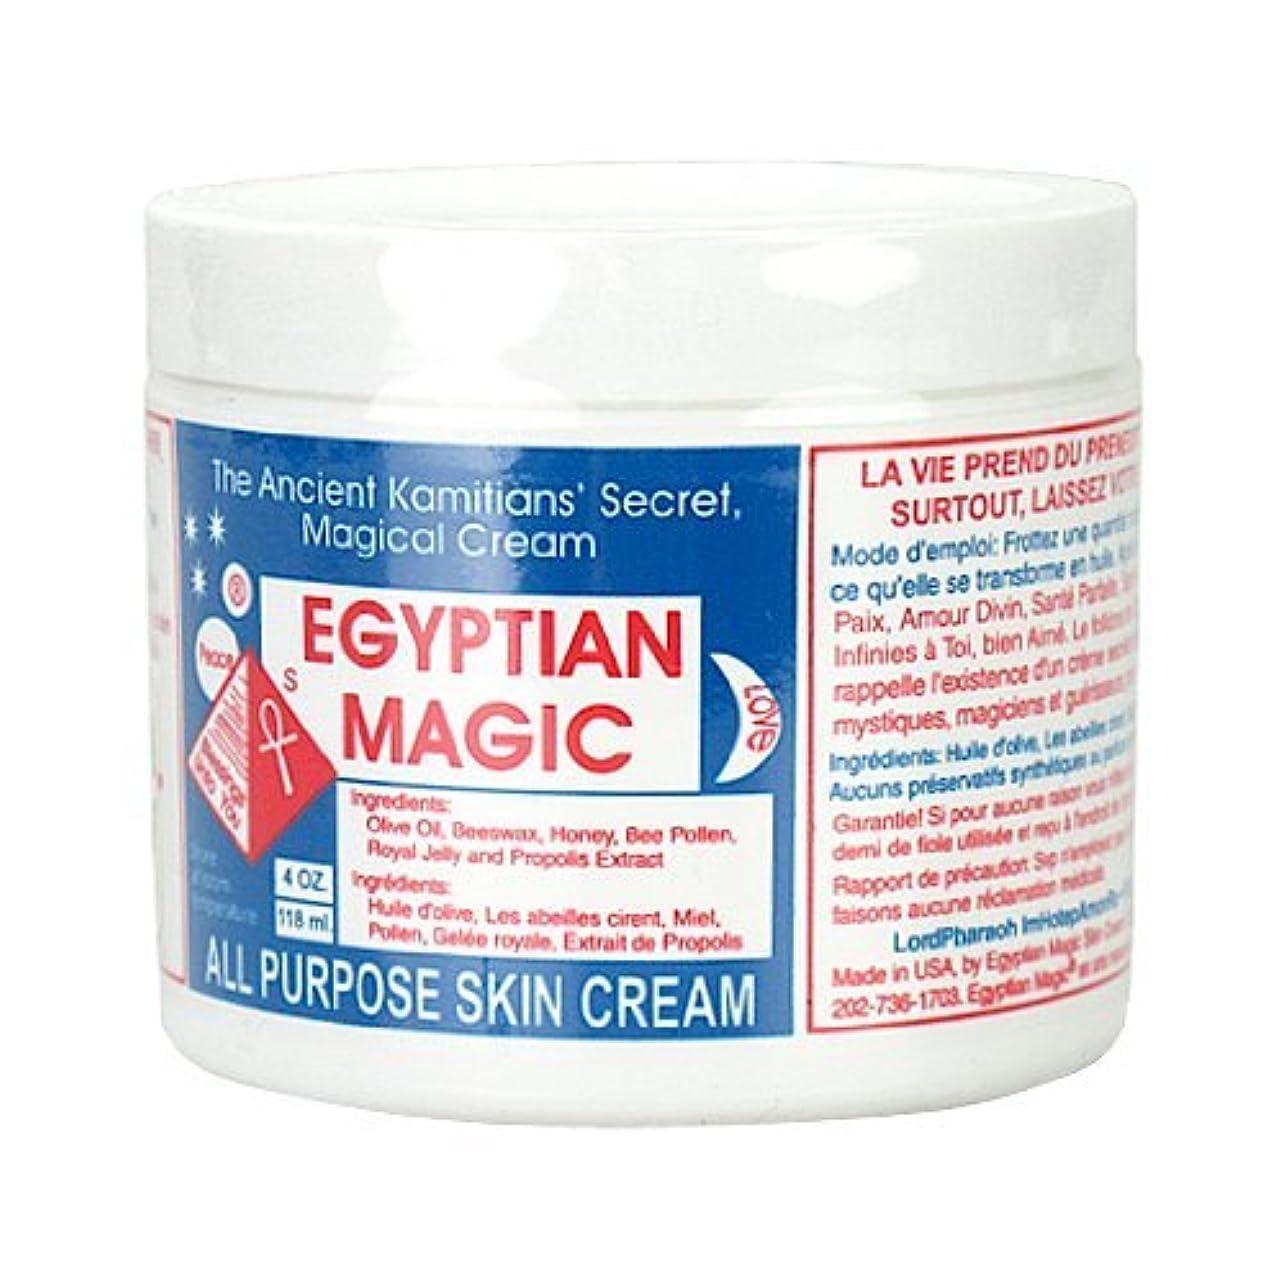 モチーフペナルティ乱暴なエジプシャンマジック EGYPTIAN MAGIC エジプシャン マジック クリーム 118ml 保湿クリーム